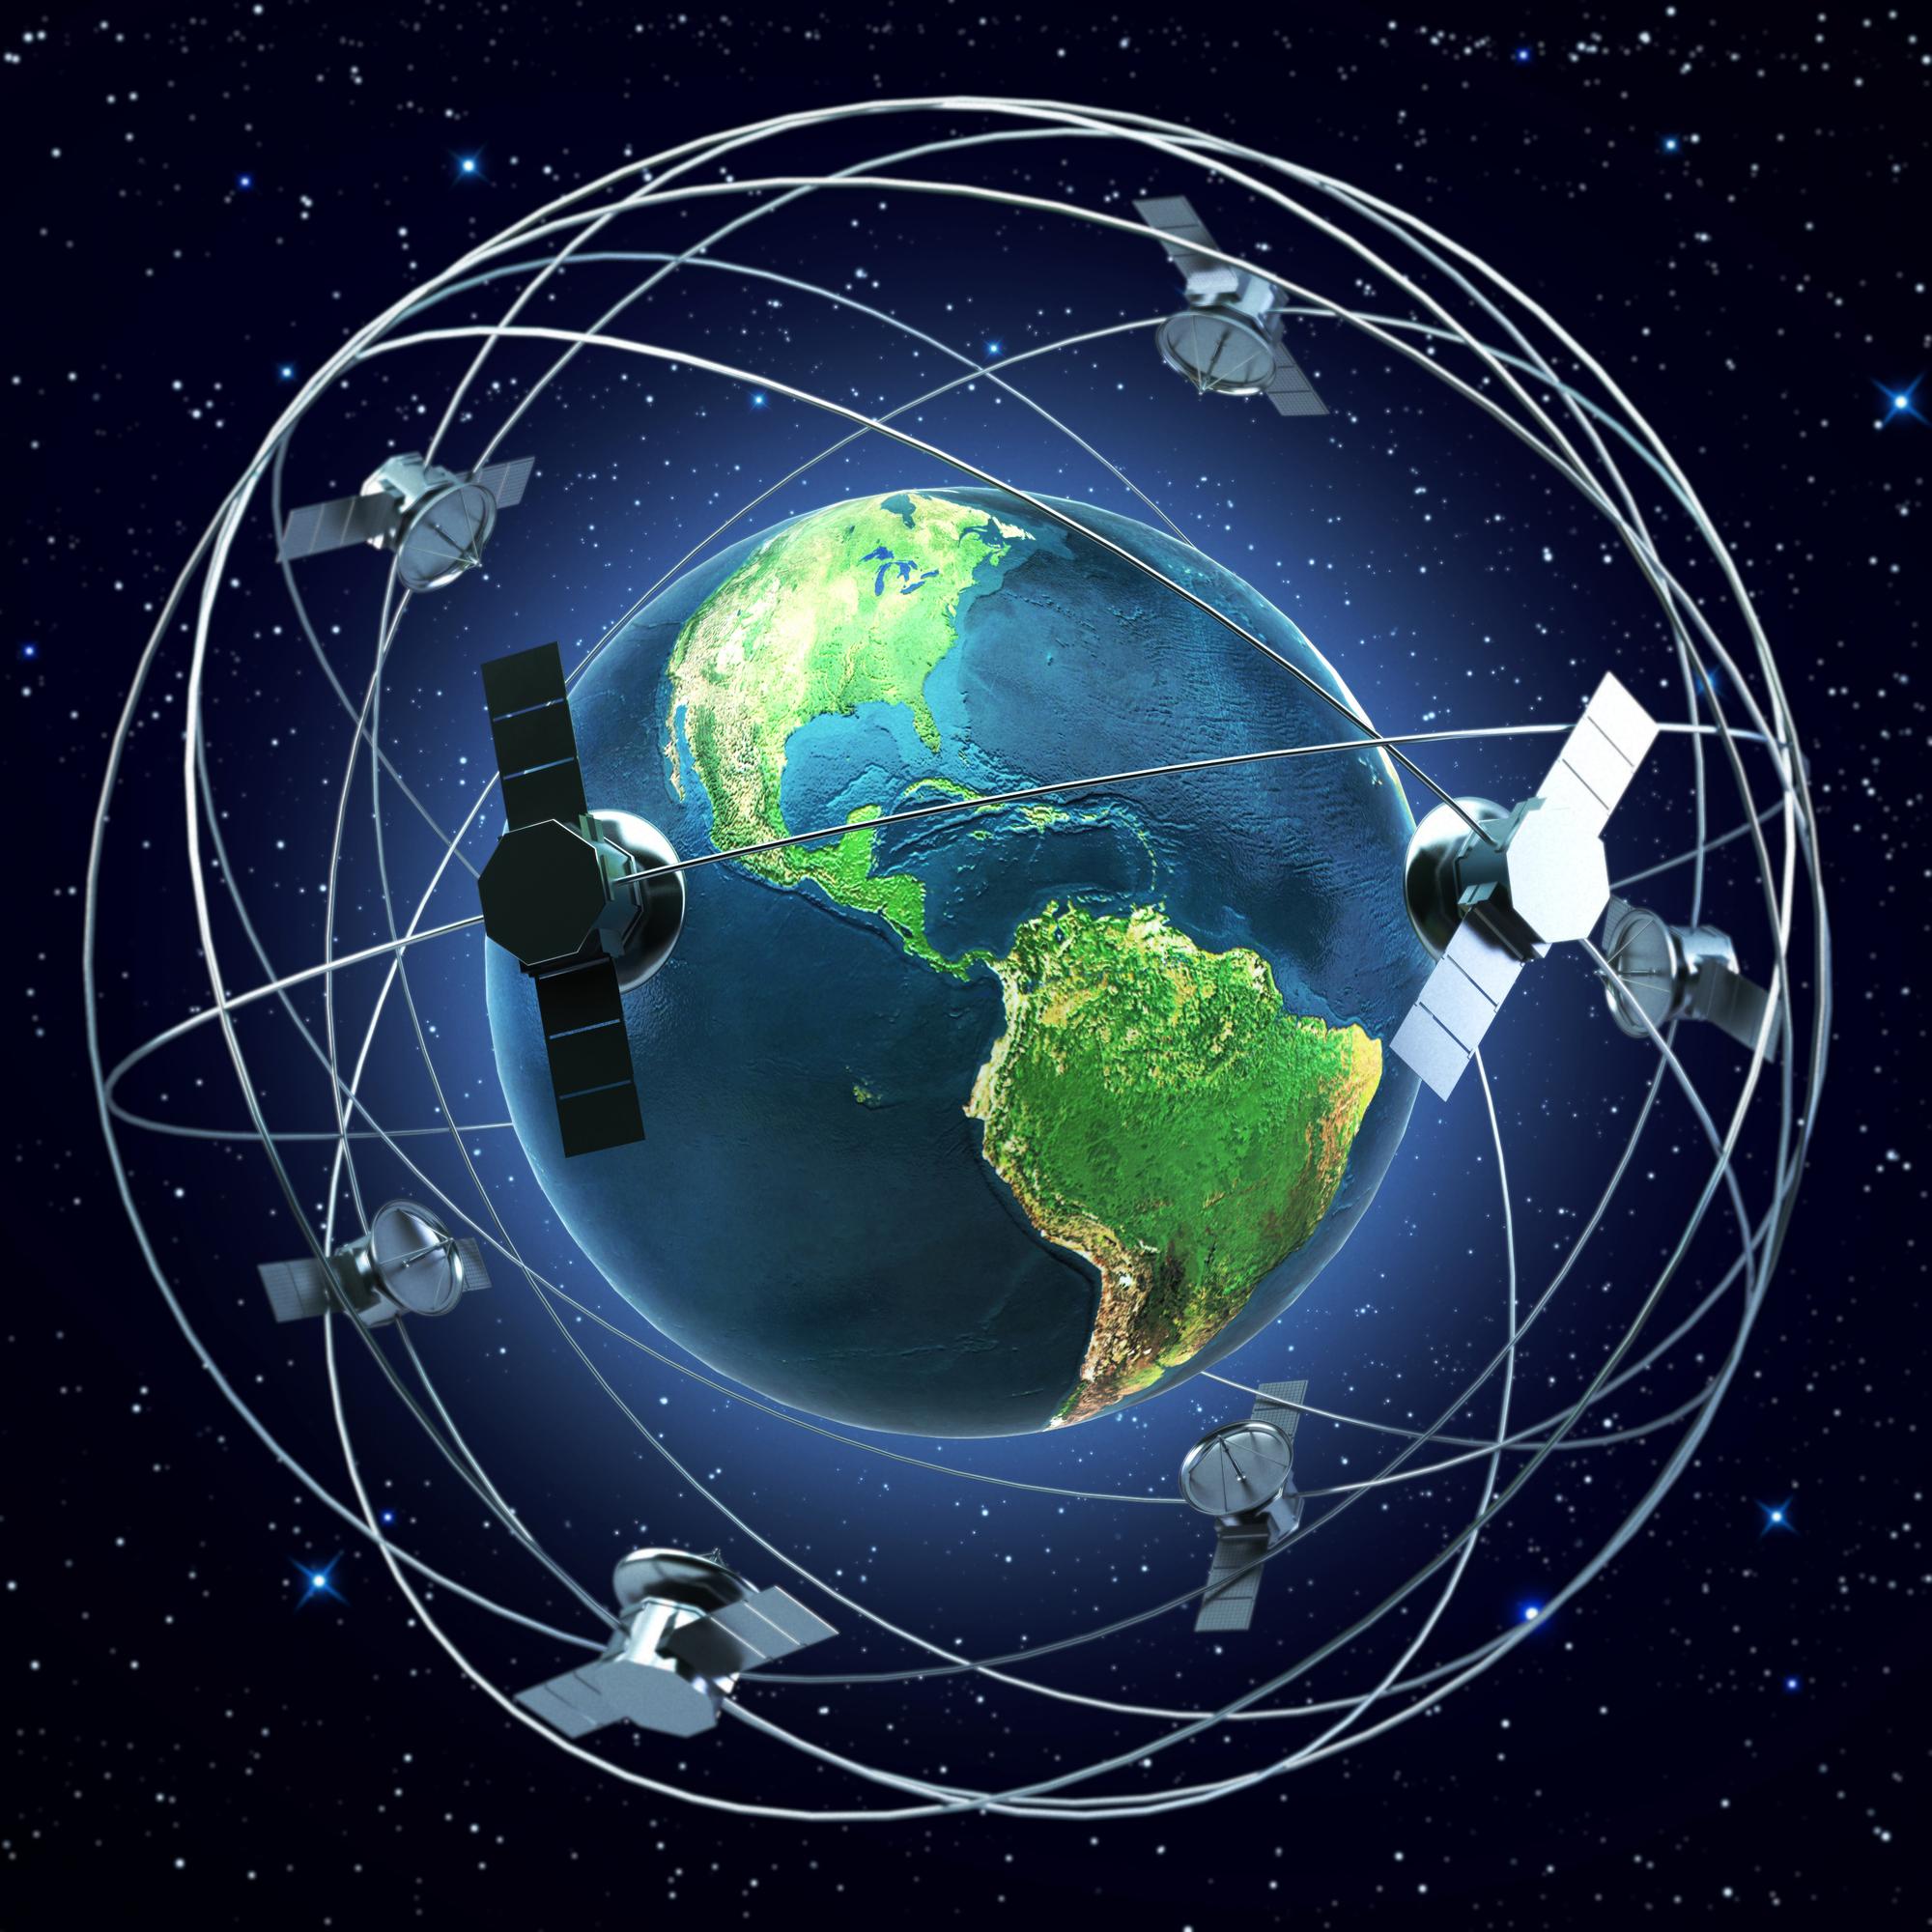 לווייני GPS, כעת יוכלו להיות יותר מדויקים. המחשה: depositphotos.com